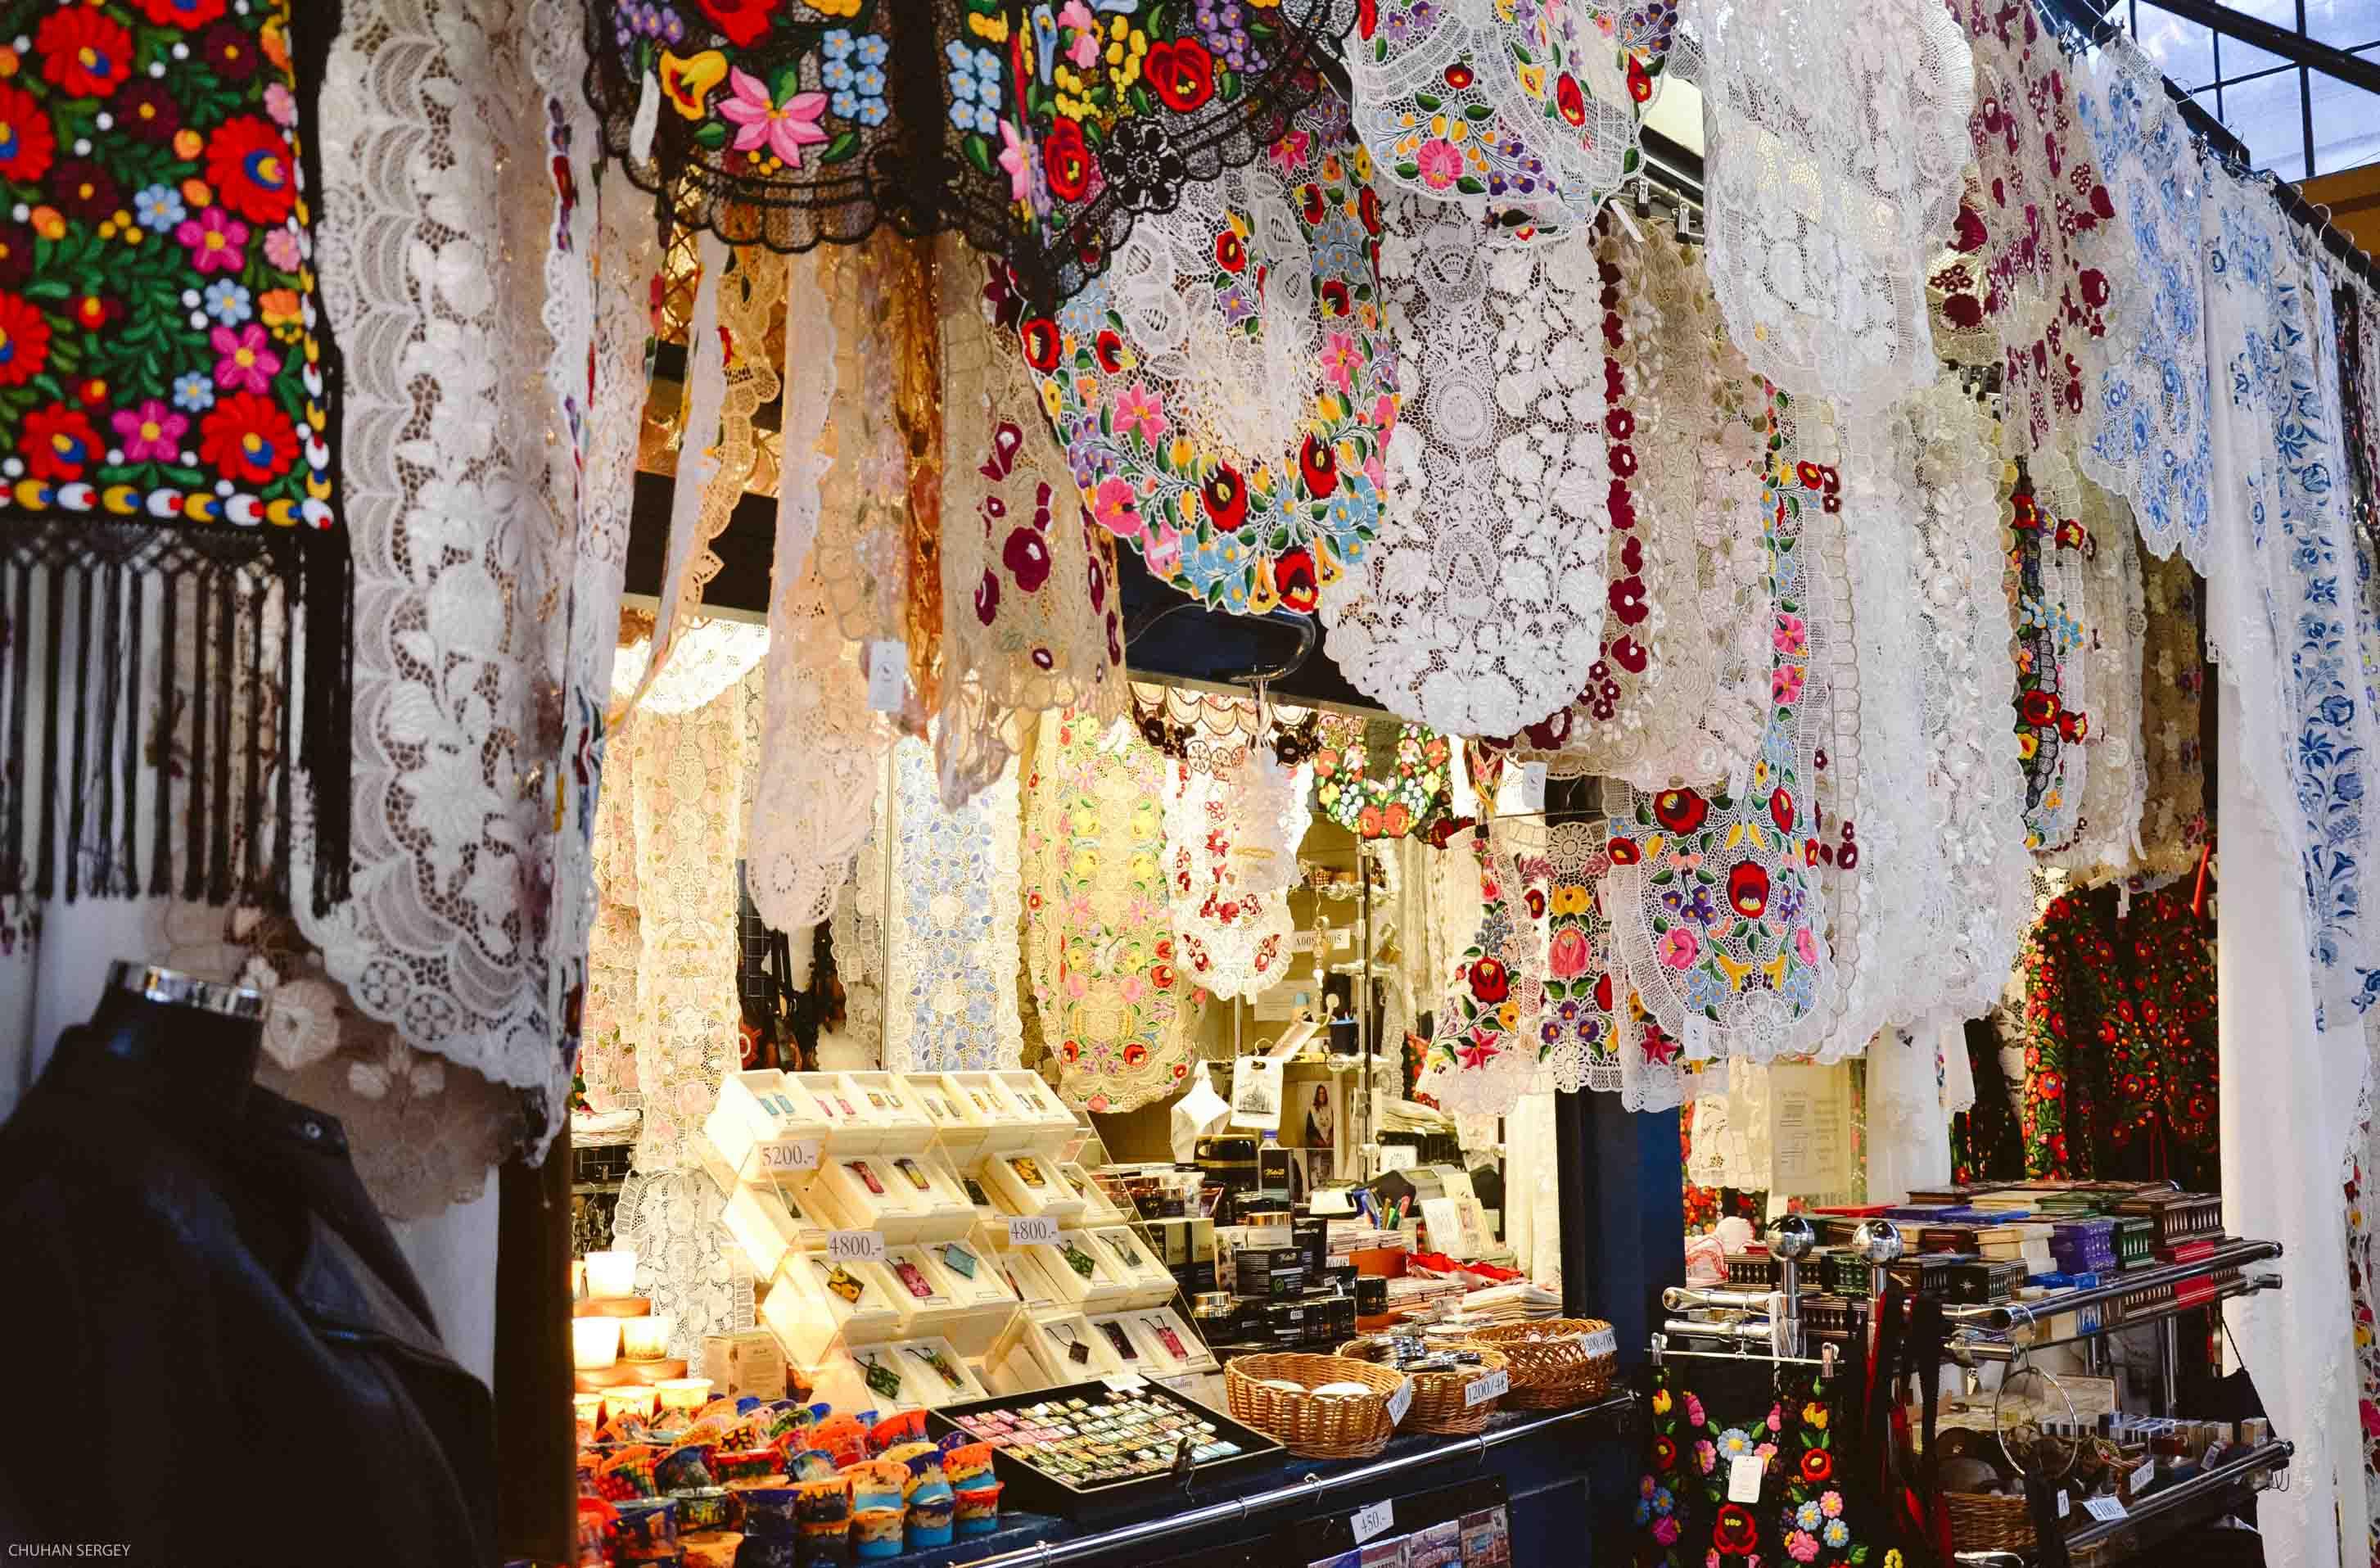 сувениры из венгрии фото фазе полного